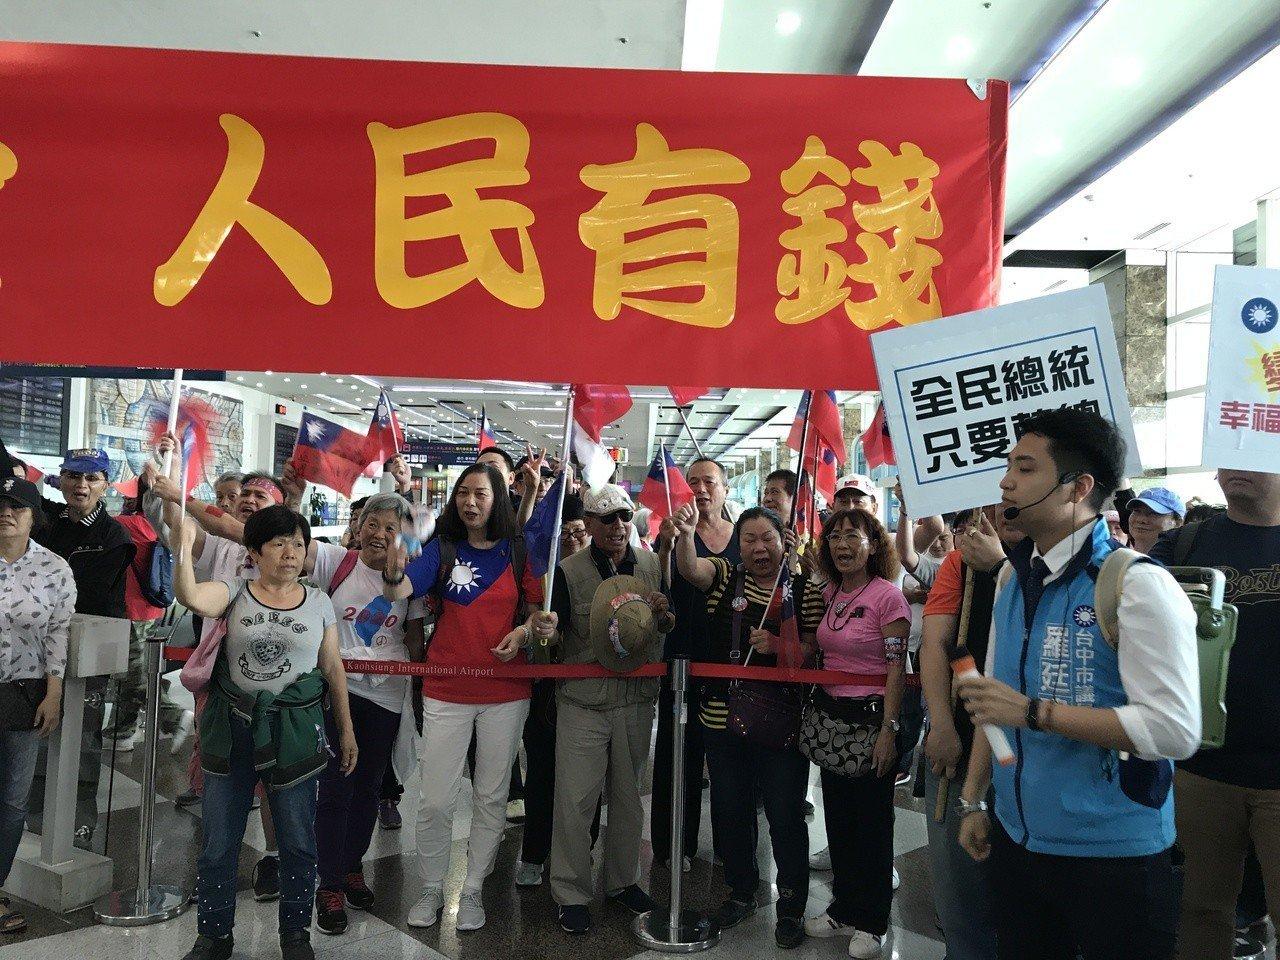 台中市議員羅廷瑋(右)到場聲援。記者劉星君/攝影